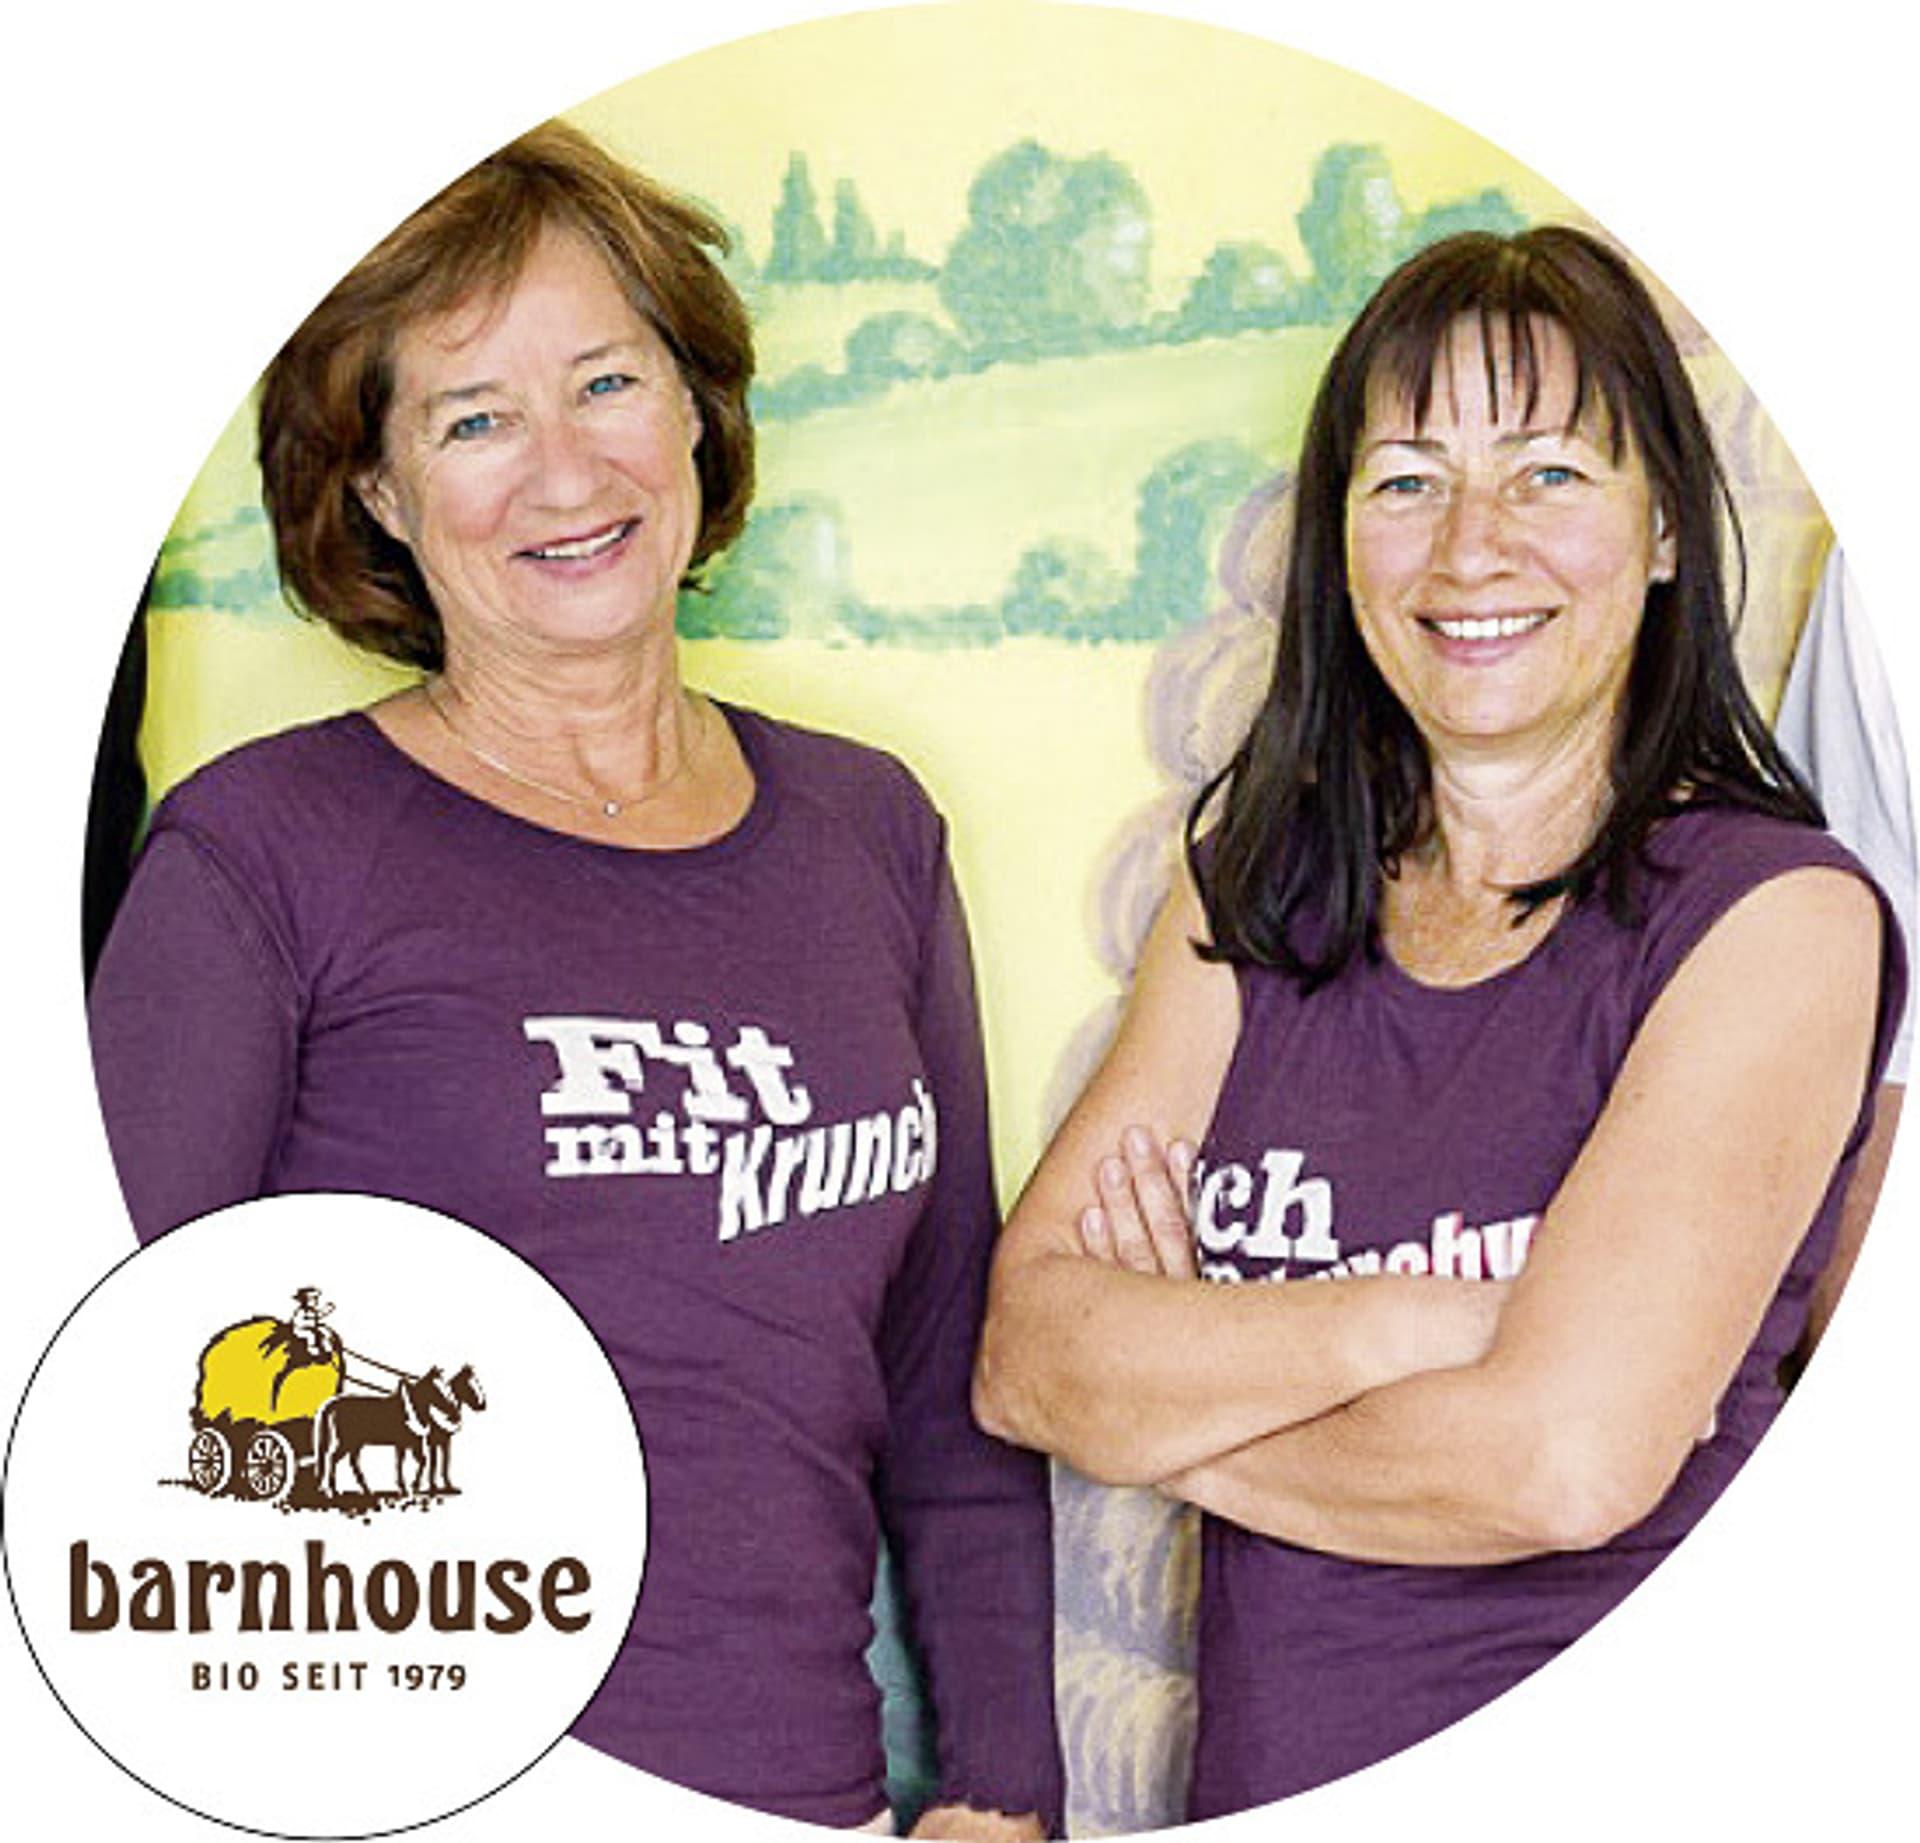 Nagl rolle barnhouse